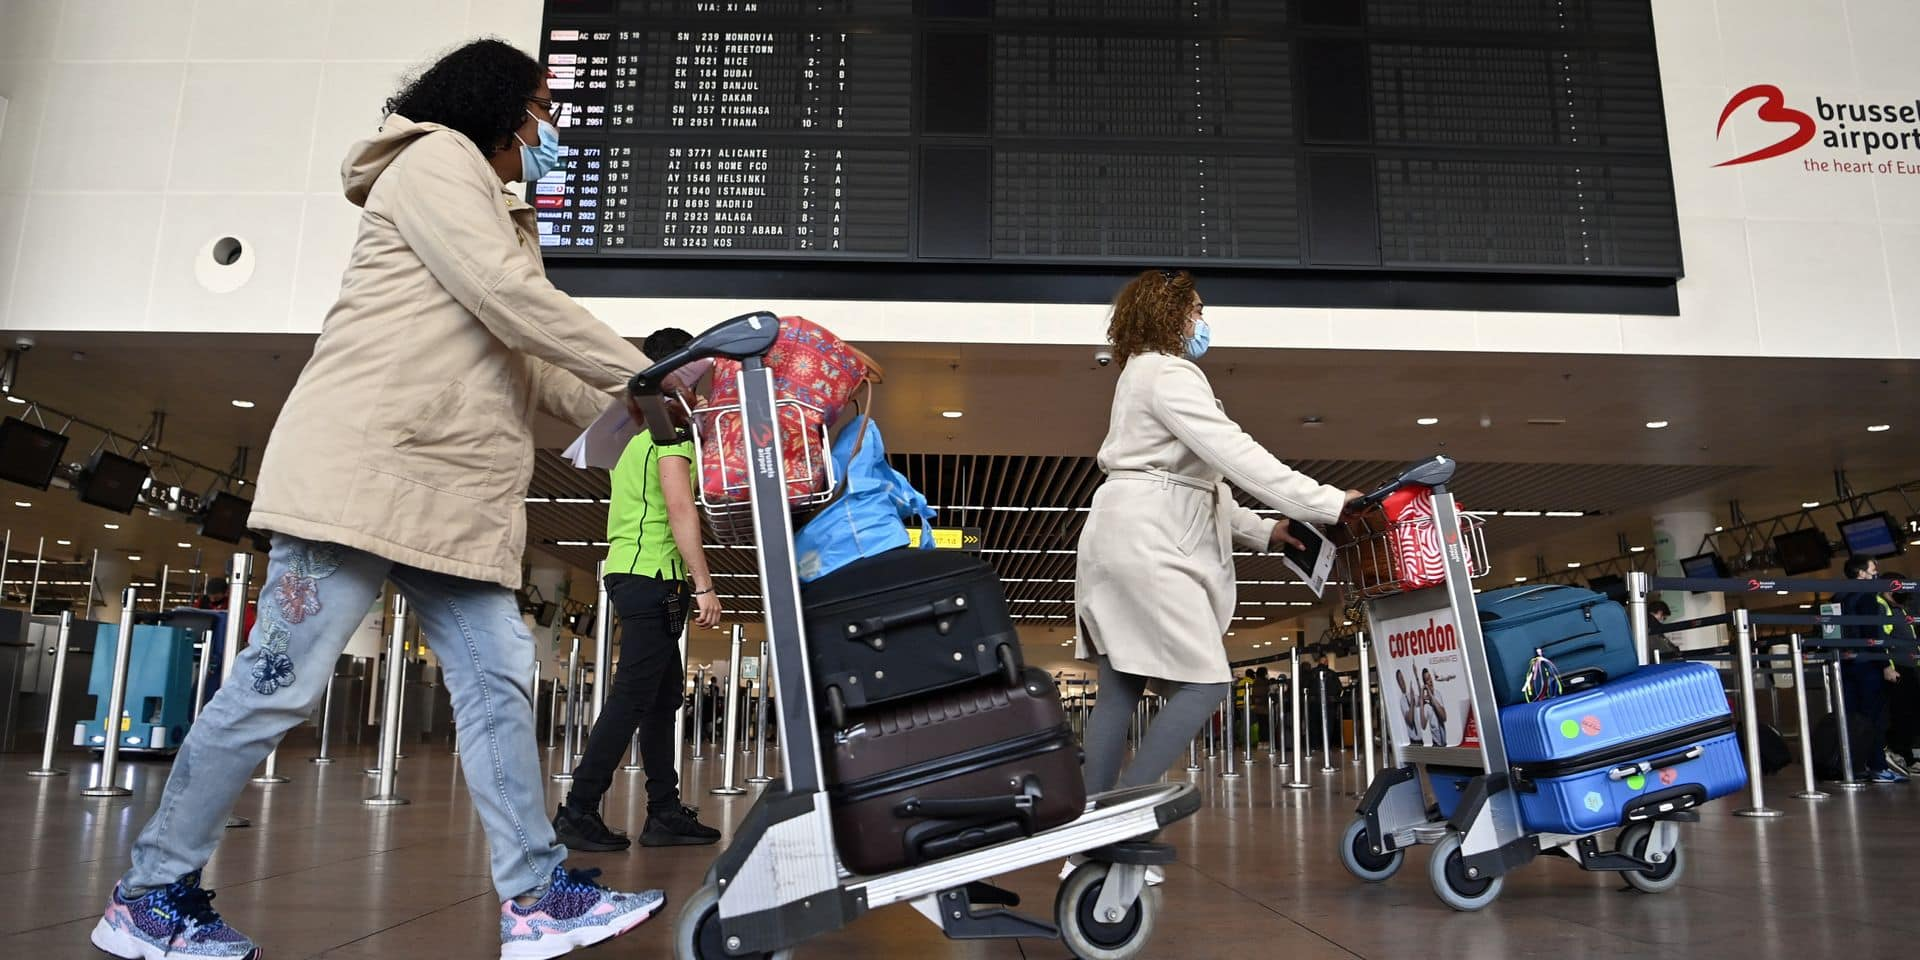 Brussels Airport s'attend à accueillir 10 millions de passagers cette année